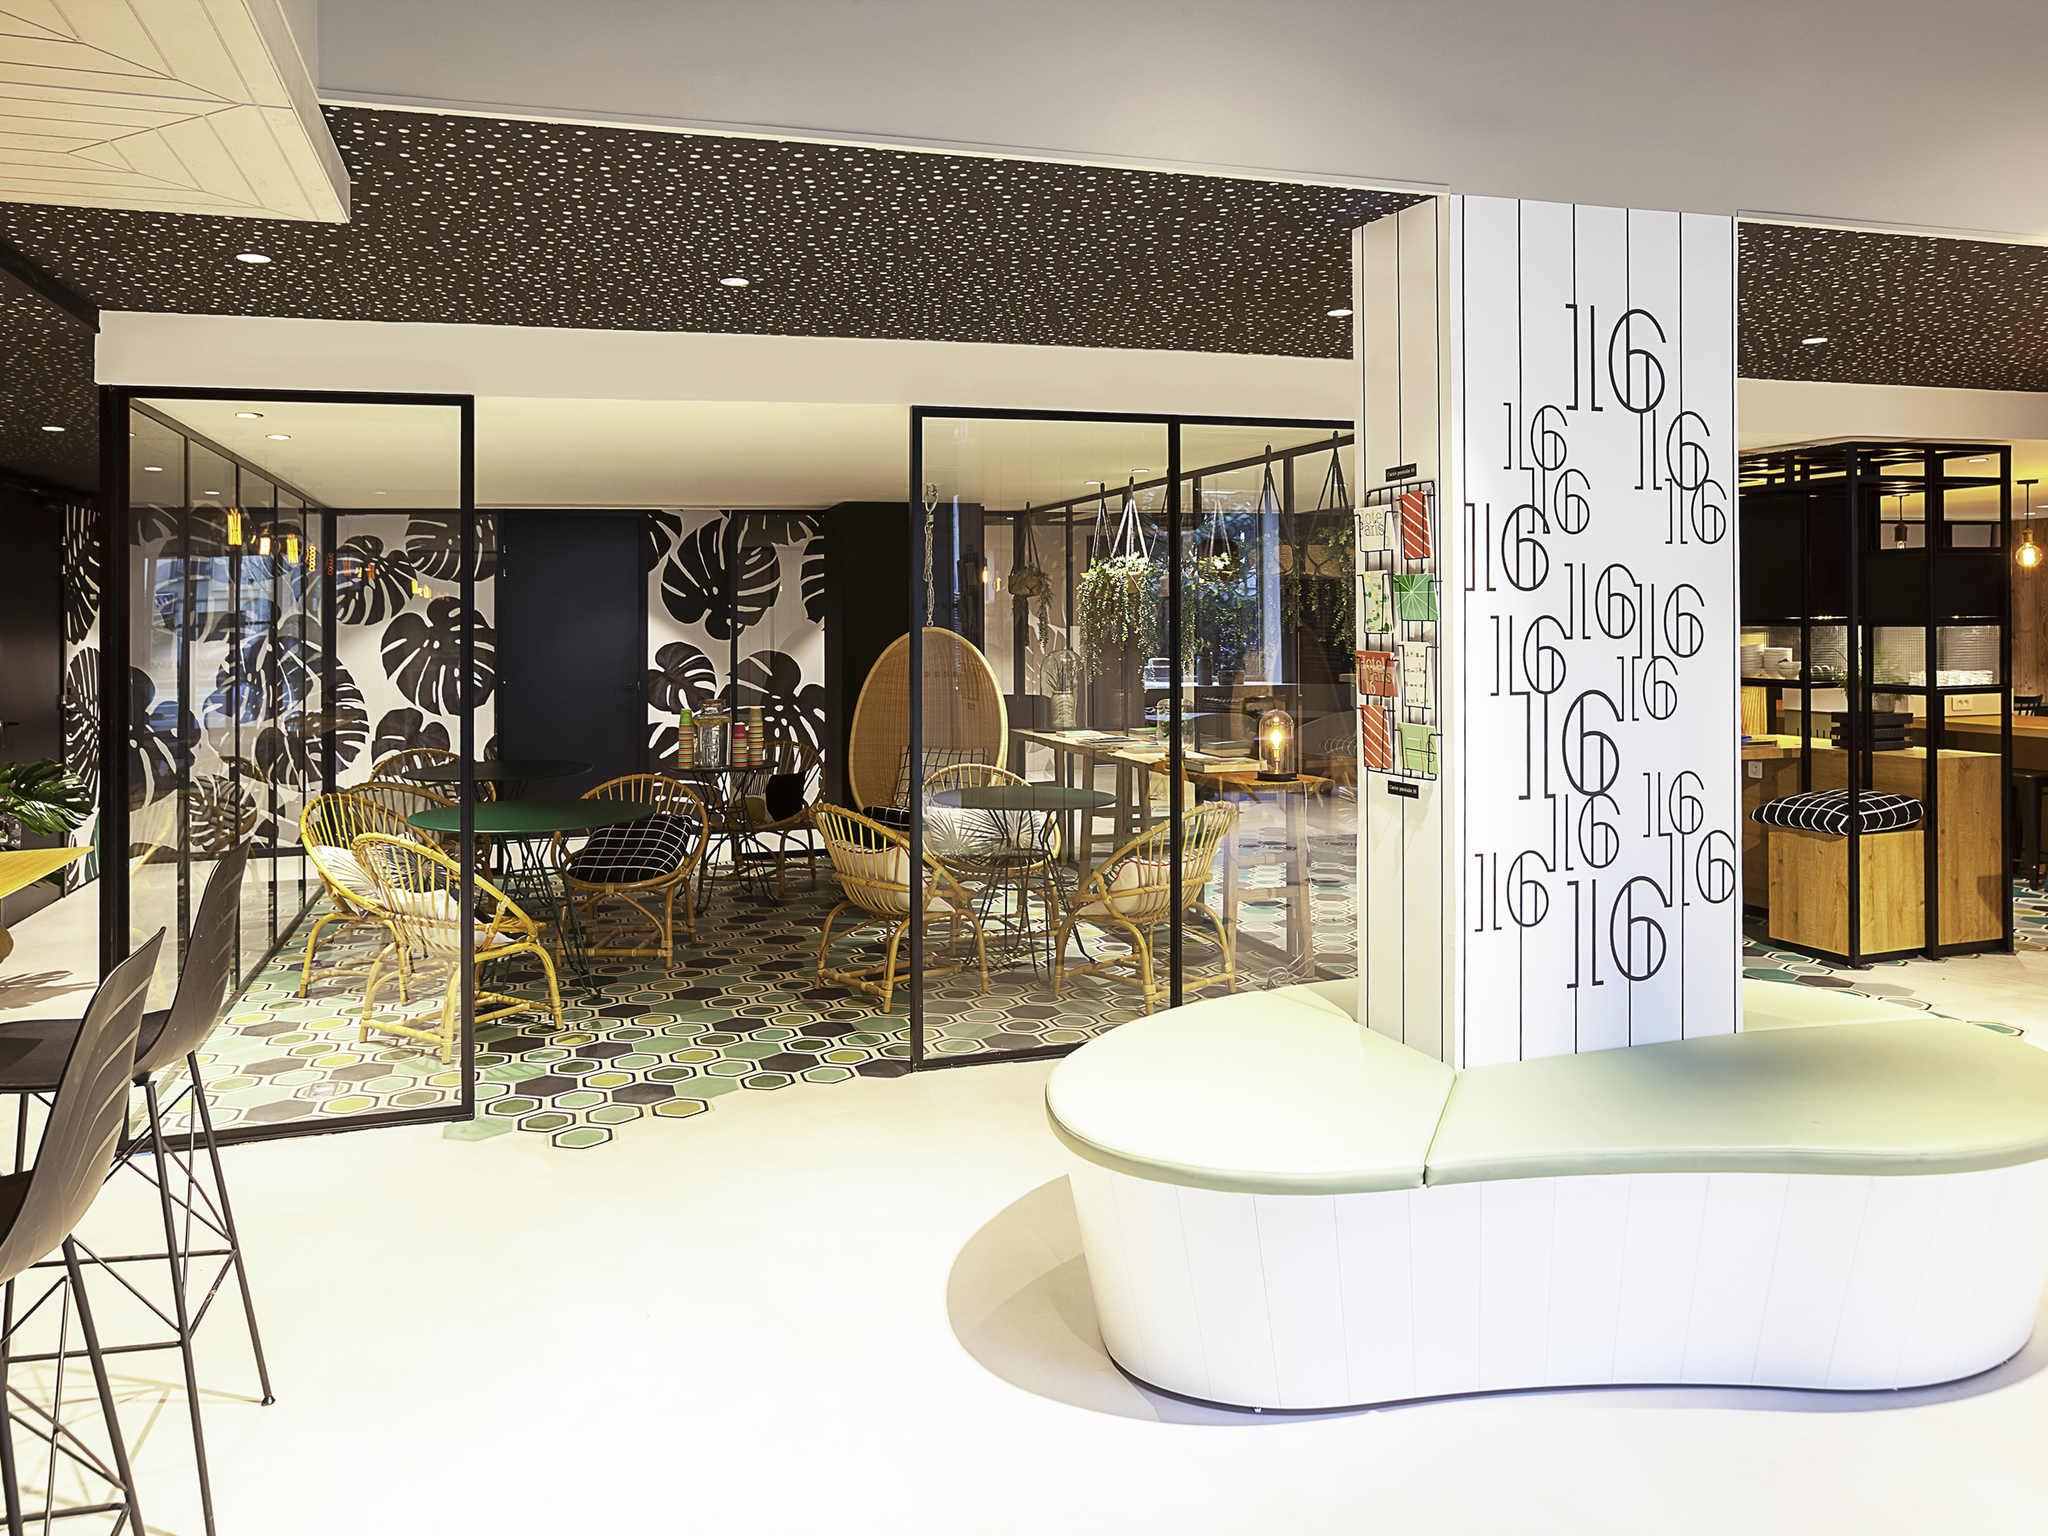 فندق - إيبيس ستايلز ibis Styles باريس 16 بولون، الافتتاح في نوفمبر 2017